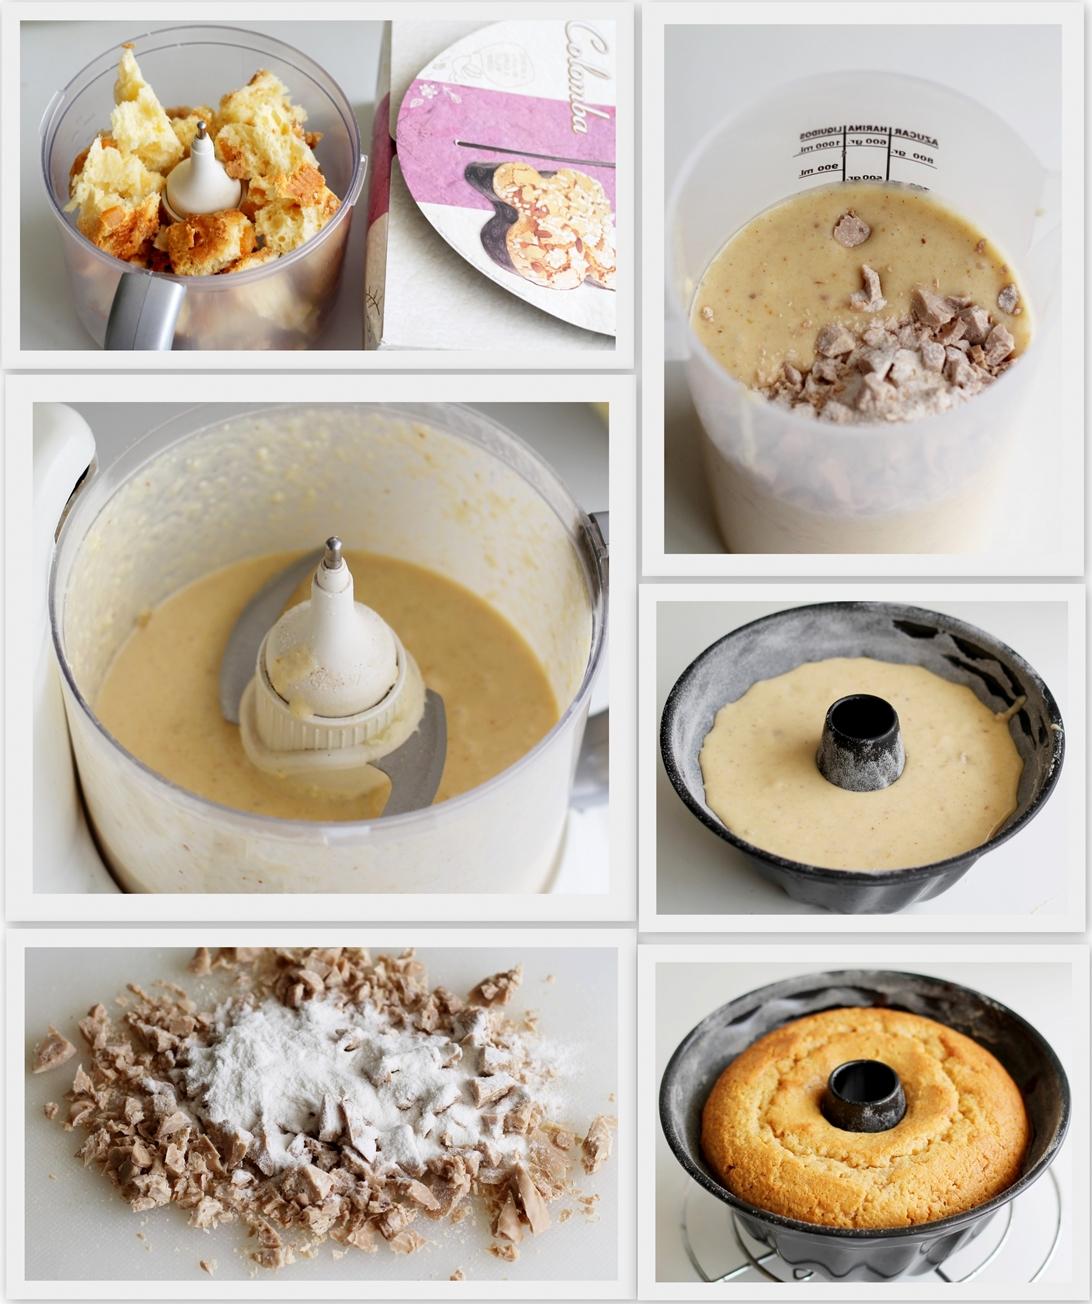 Ciambella senza glutine, come riciclare la colomba - La Cassata Celiaca